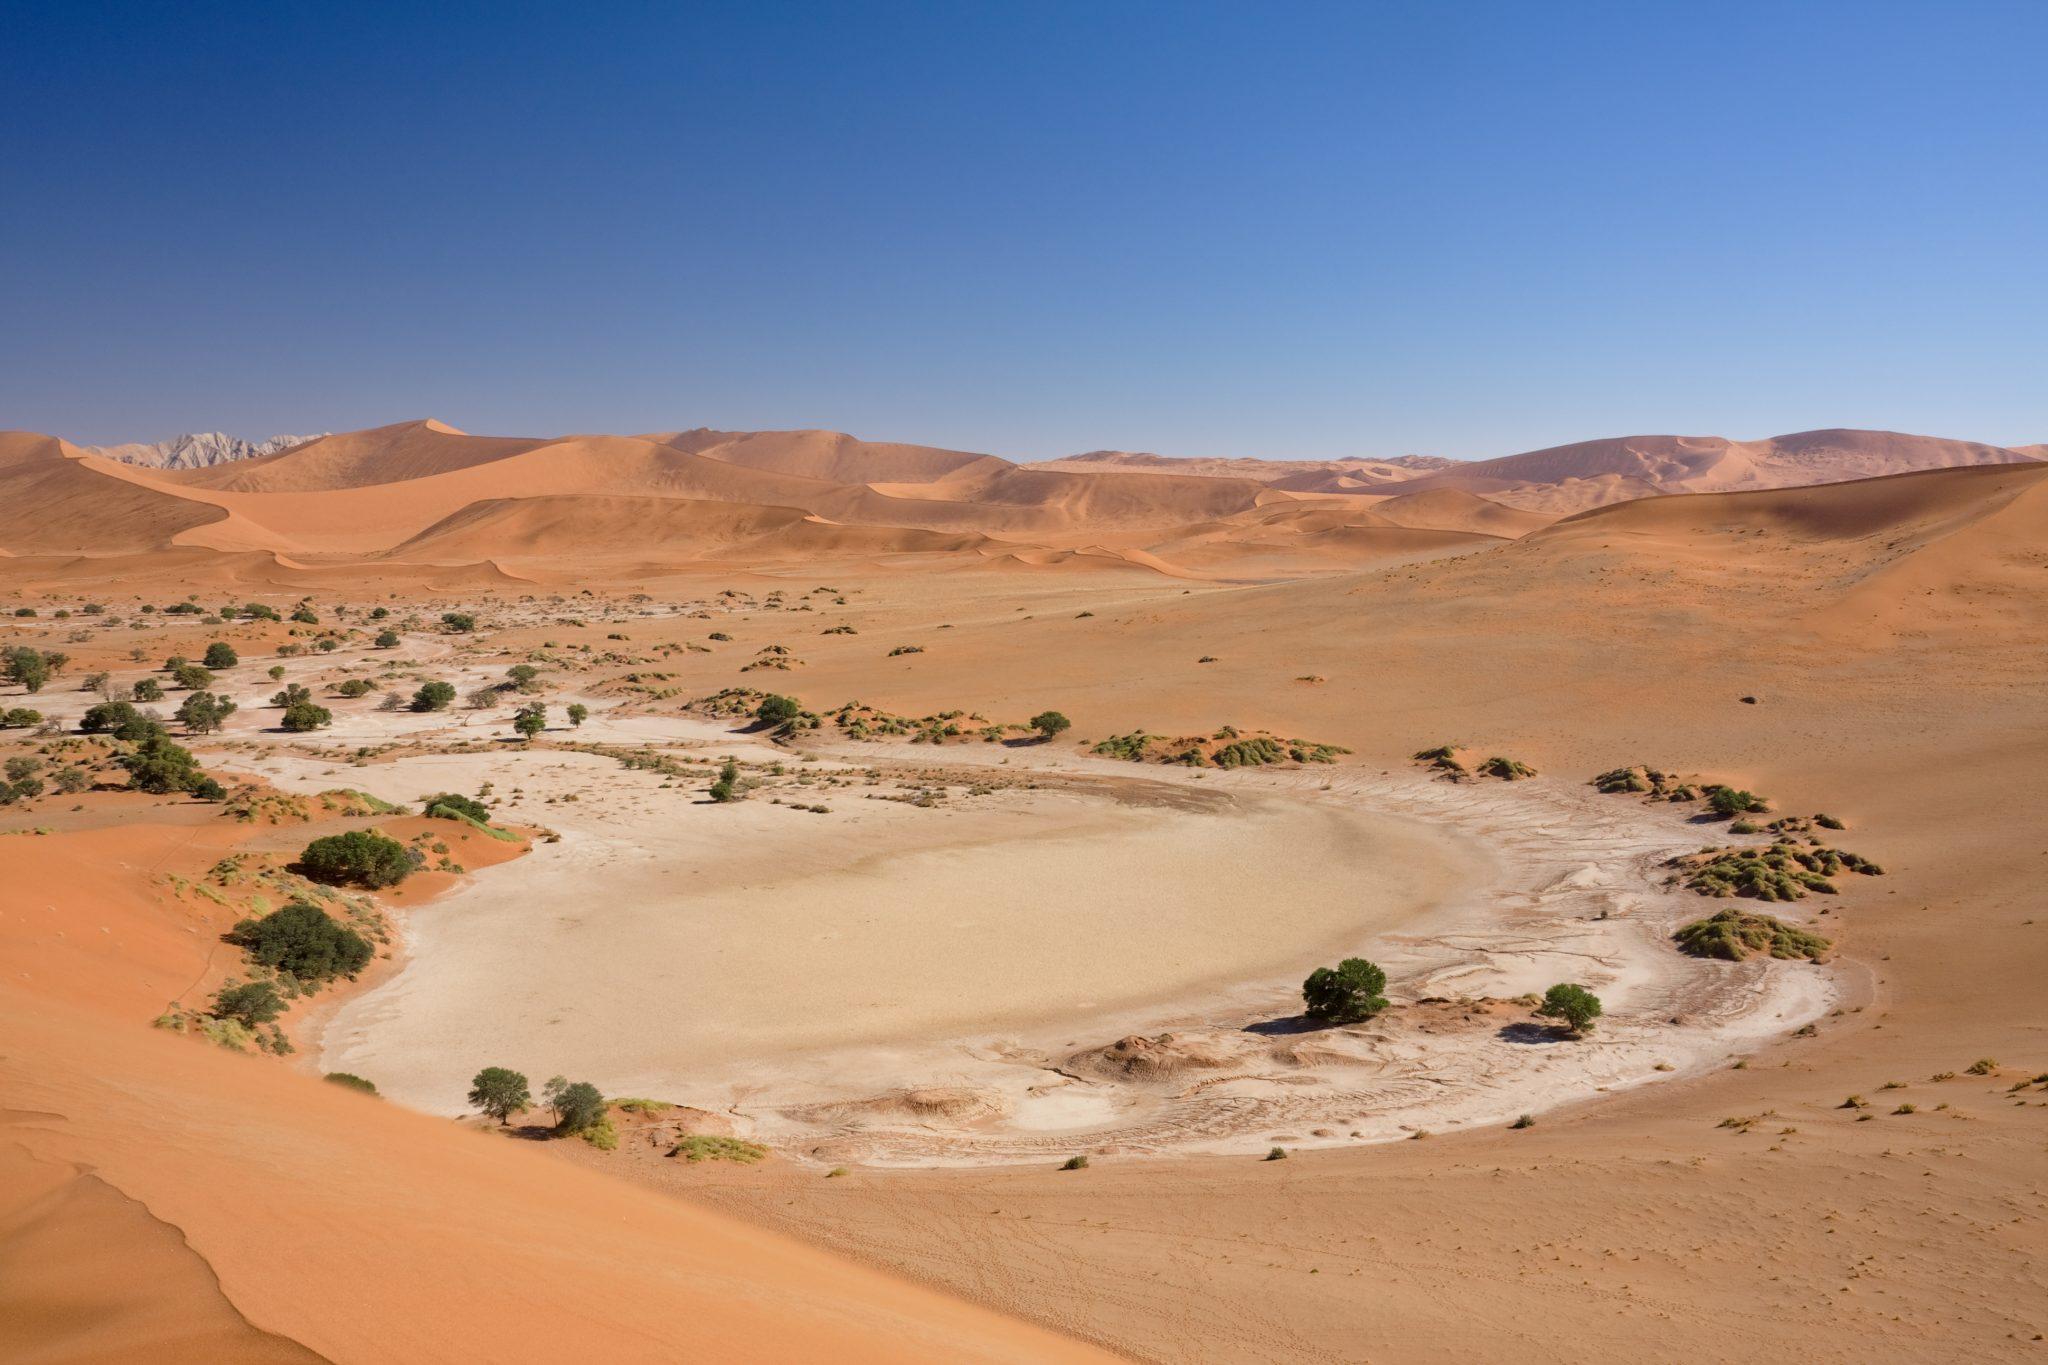 Cercetătorii au descoperit dovezi ale unei ere glaciare din deşertul Namib